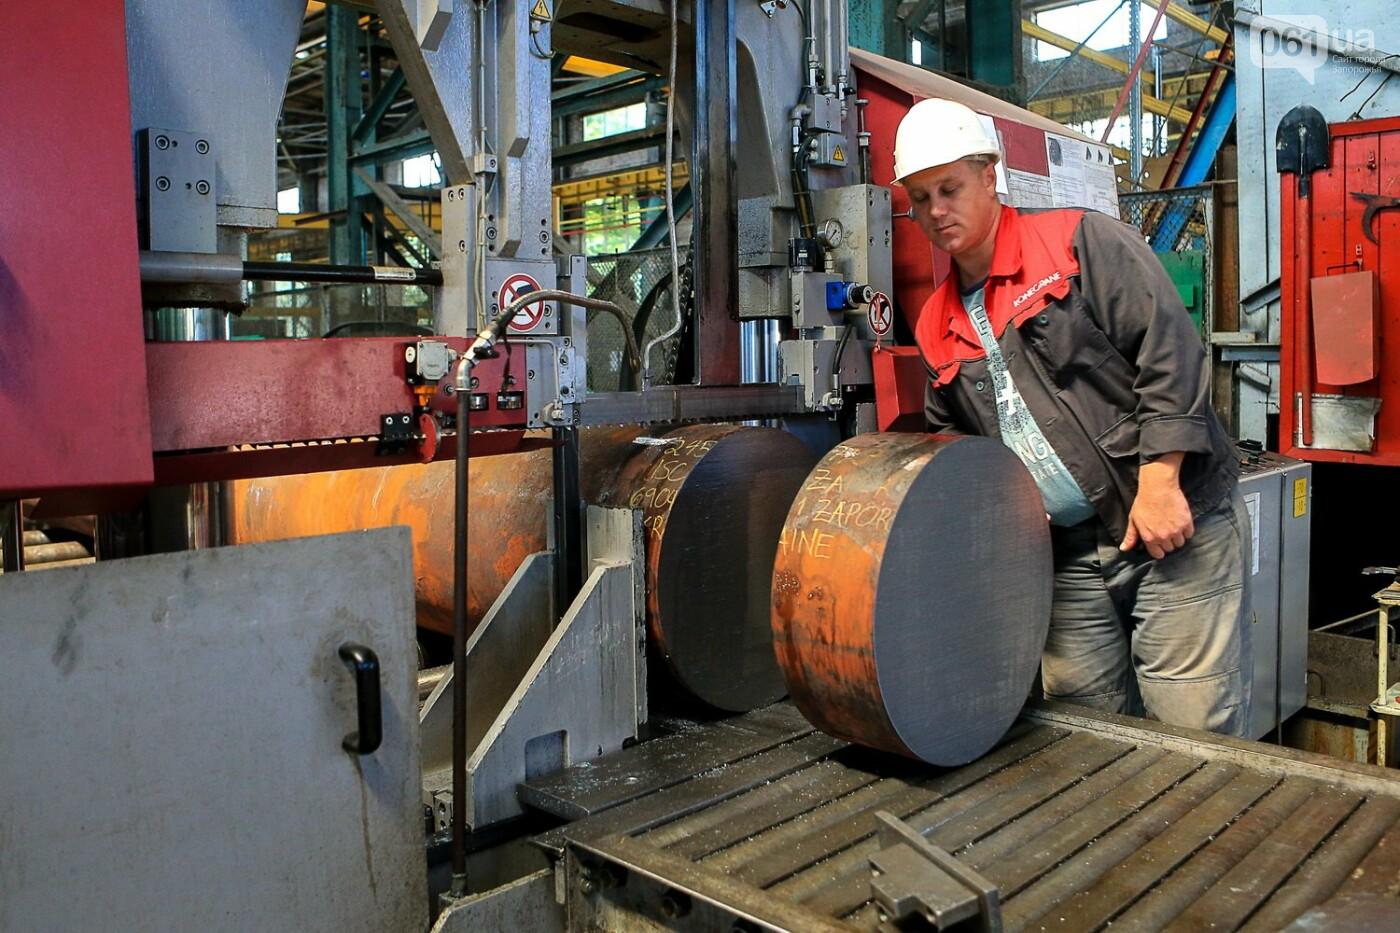 Как в Запорожье работает крупнейший в Европе завод по производству кранов: экскурсия на производство, — ФОТОРЕПОРТАЖ, фото-37